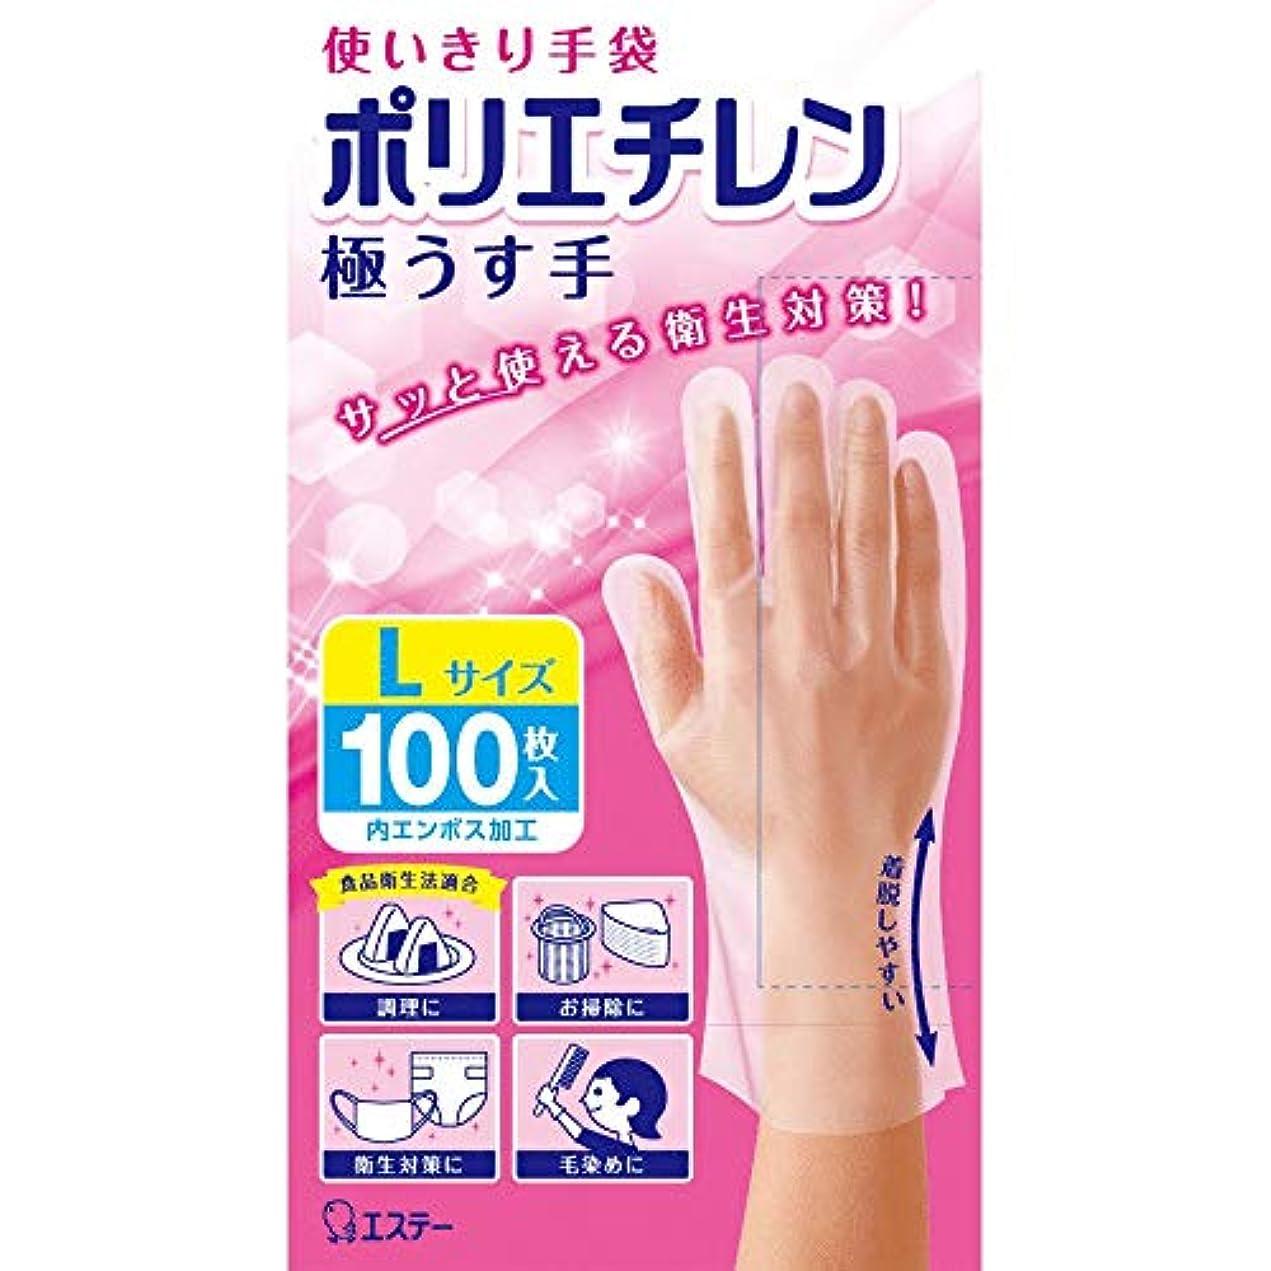 さらに逮捕不健康【24個まとめ買い】使いきり手袋 ポリエチレン 極うす手 Lサイズ 半透明 100枚 使い捨て ×24個